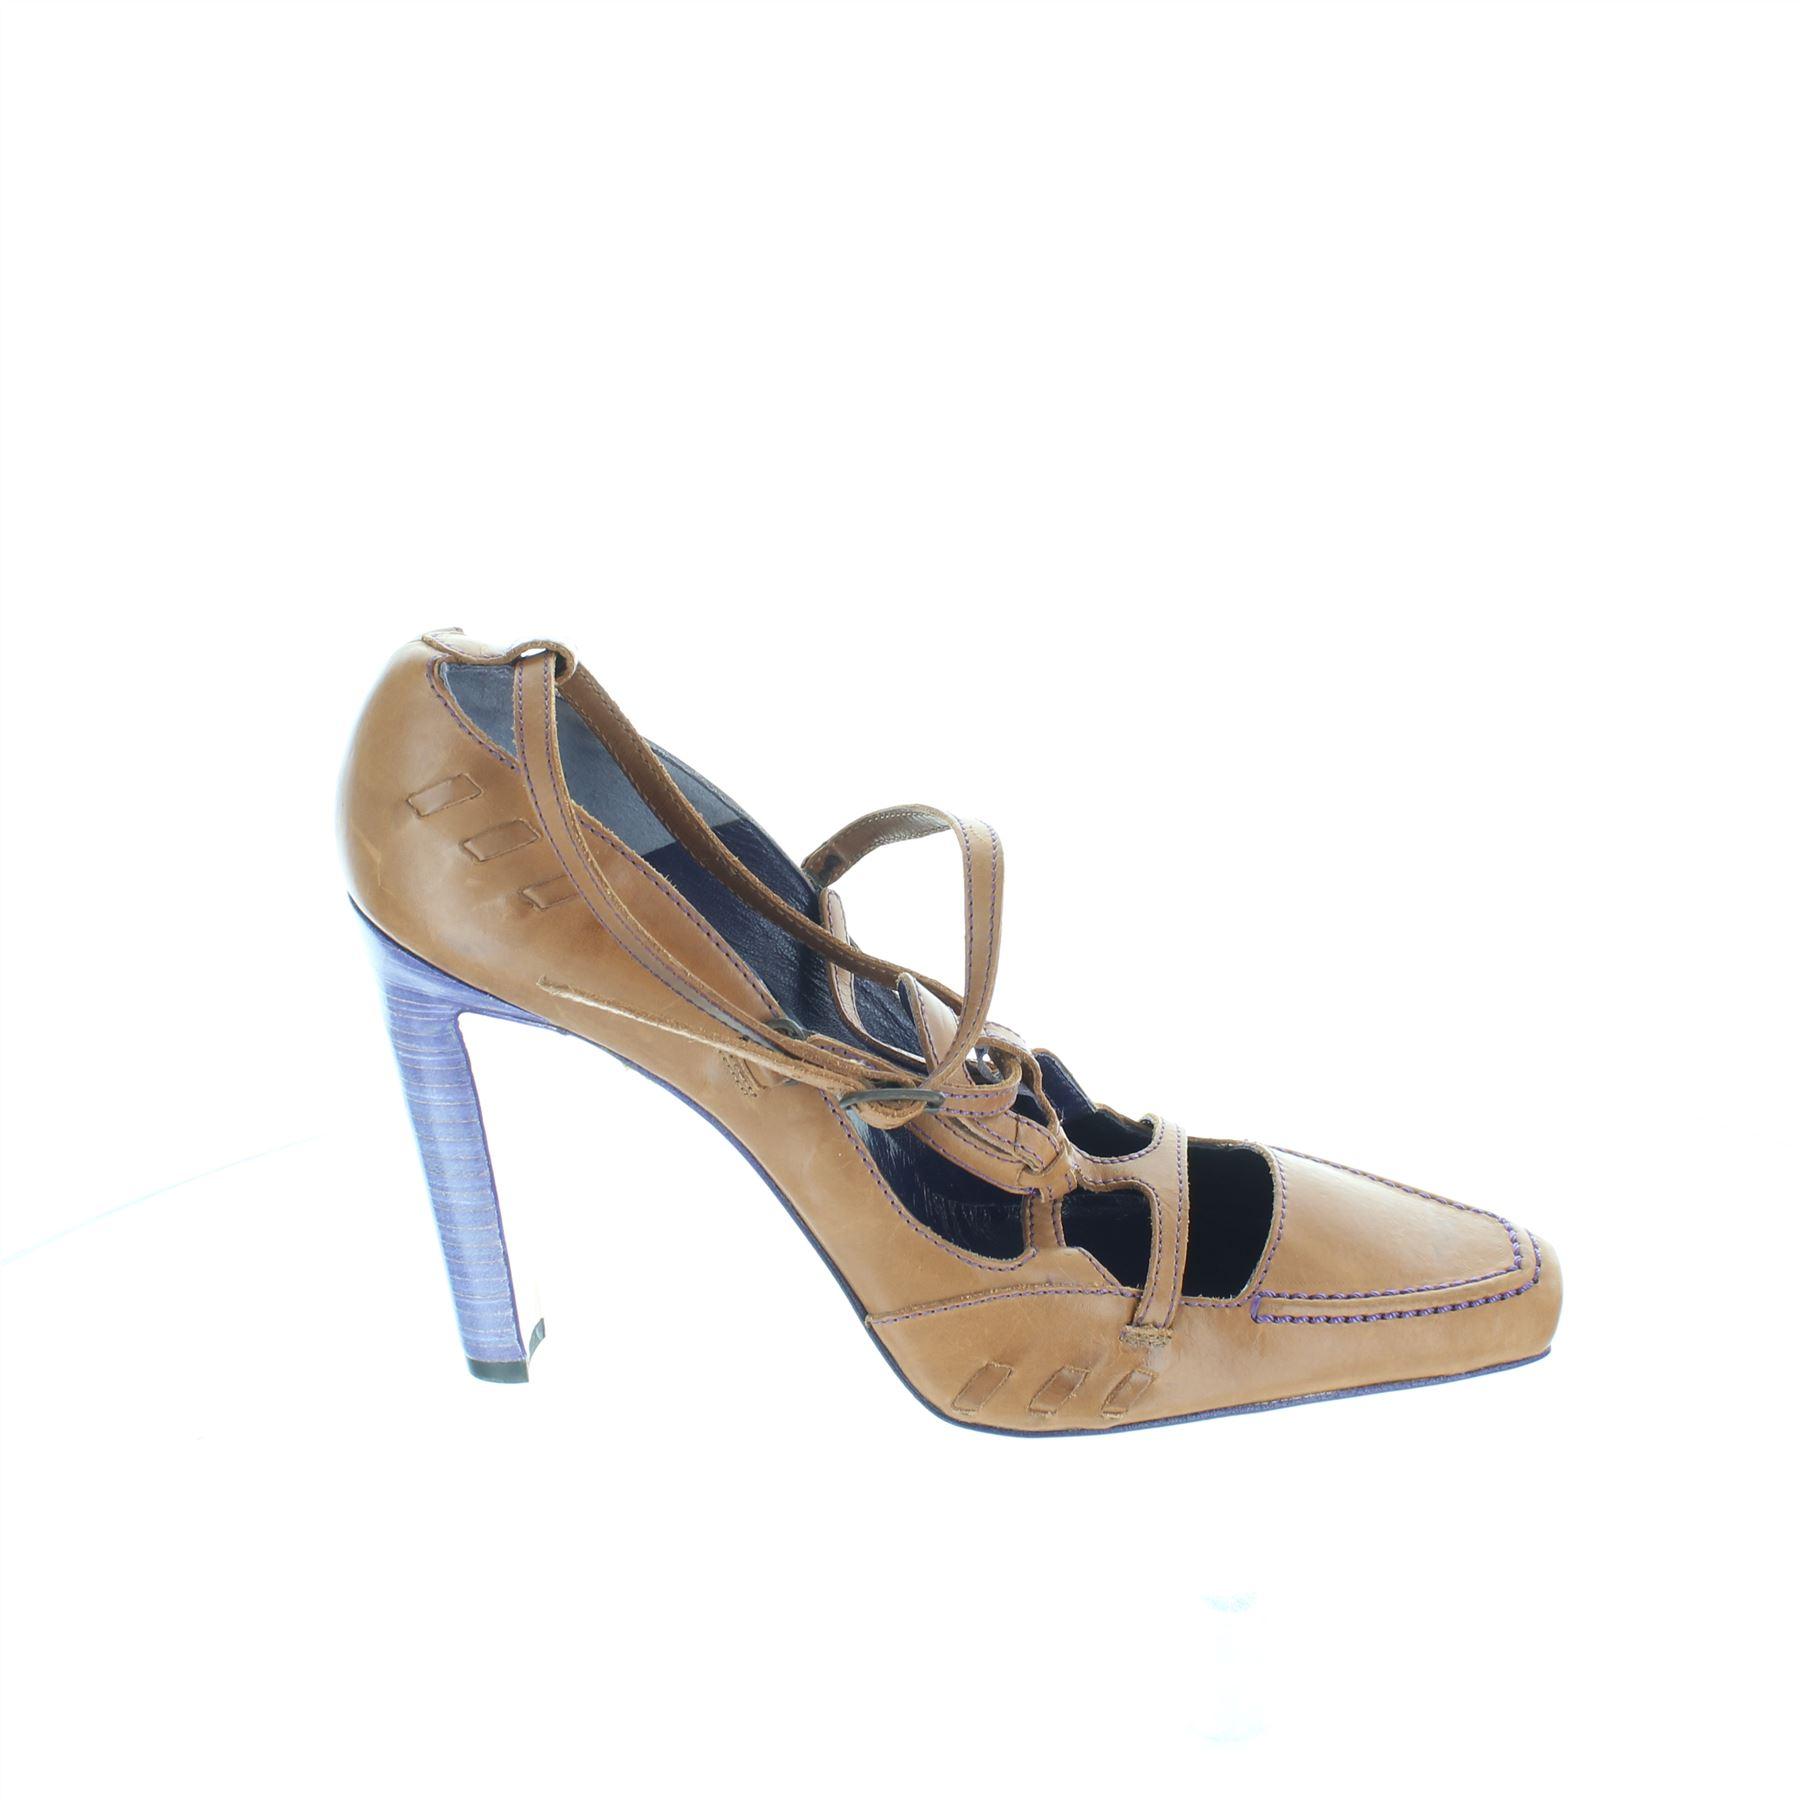 8963eed9190ed7 MANOLO BLAHNIK Brown talons en cuir / Pompes, UK 7 US 9 EU 39 | eBay